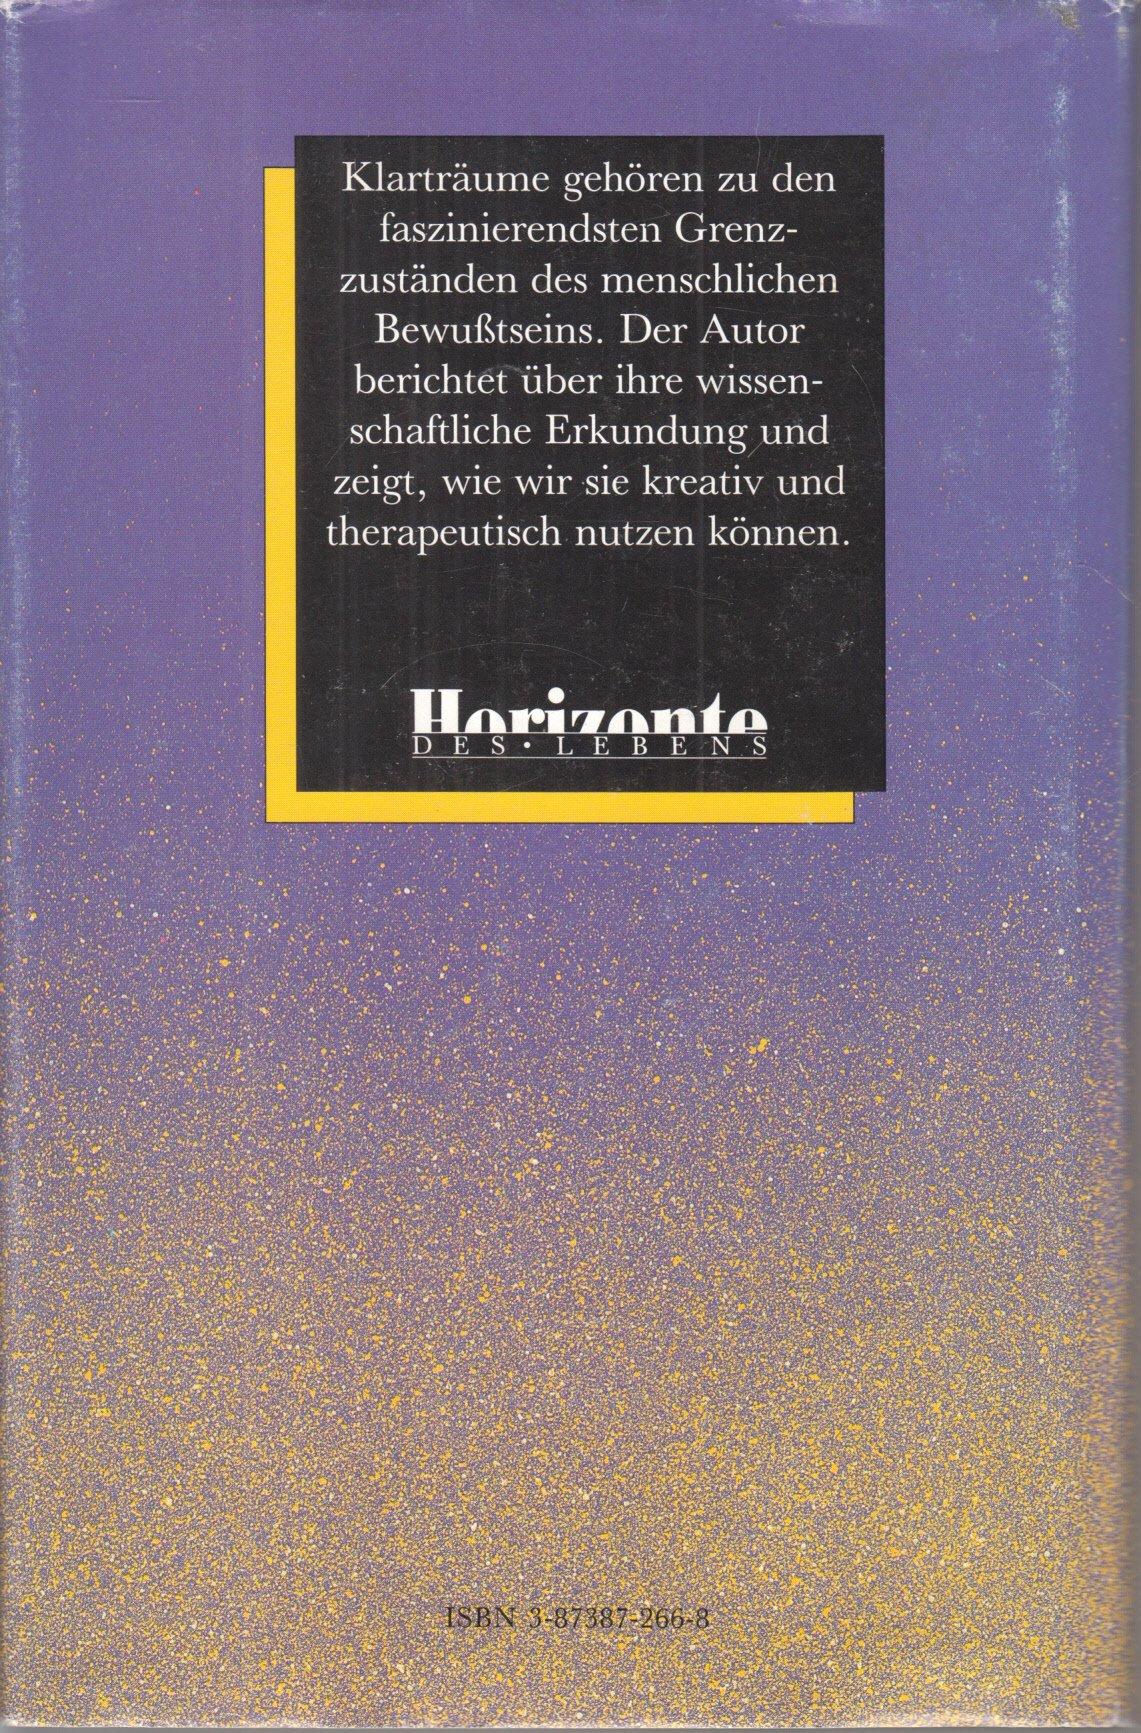 Hellwach im Traum: Höchste Bewusstheit in tiefem Schlaf: Amazon.de ...